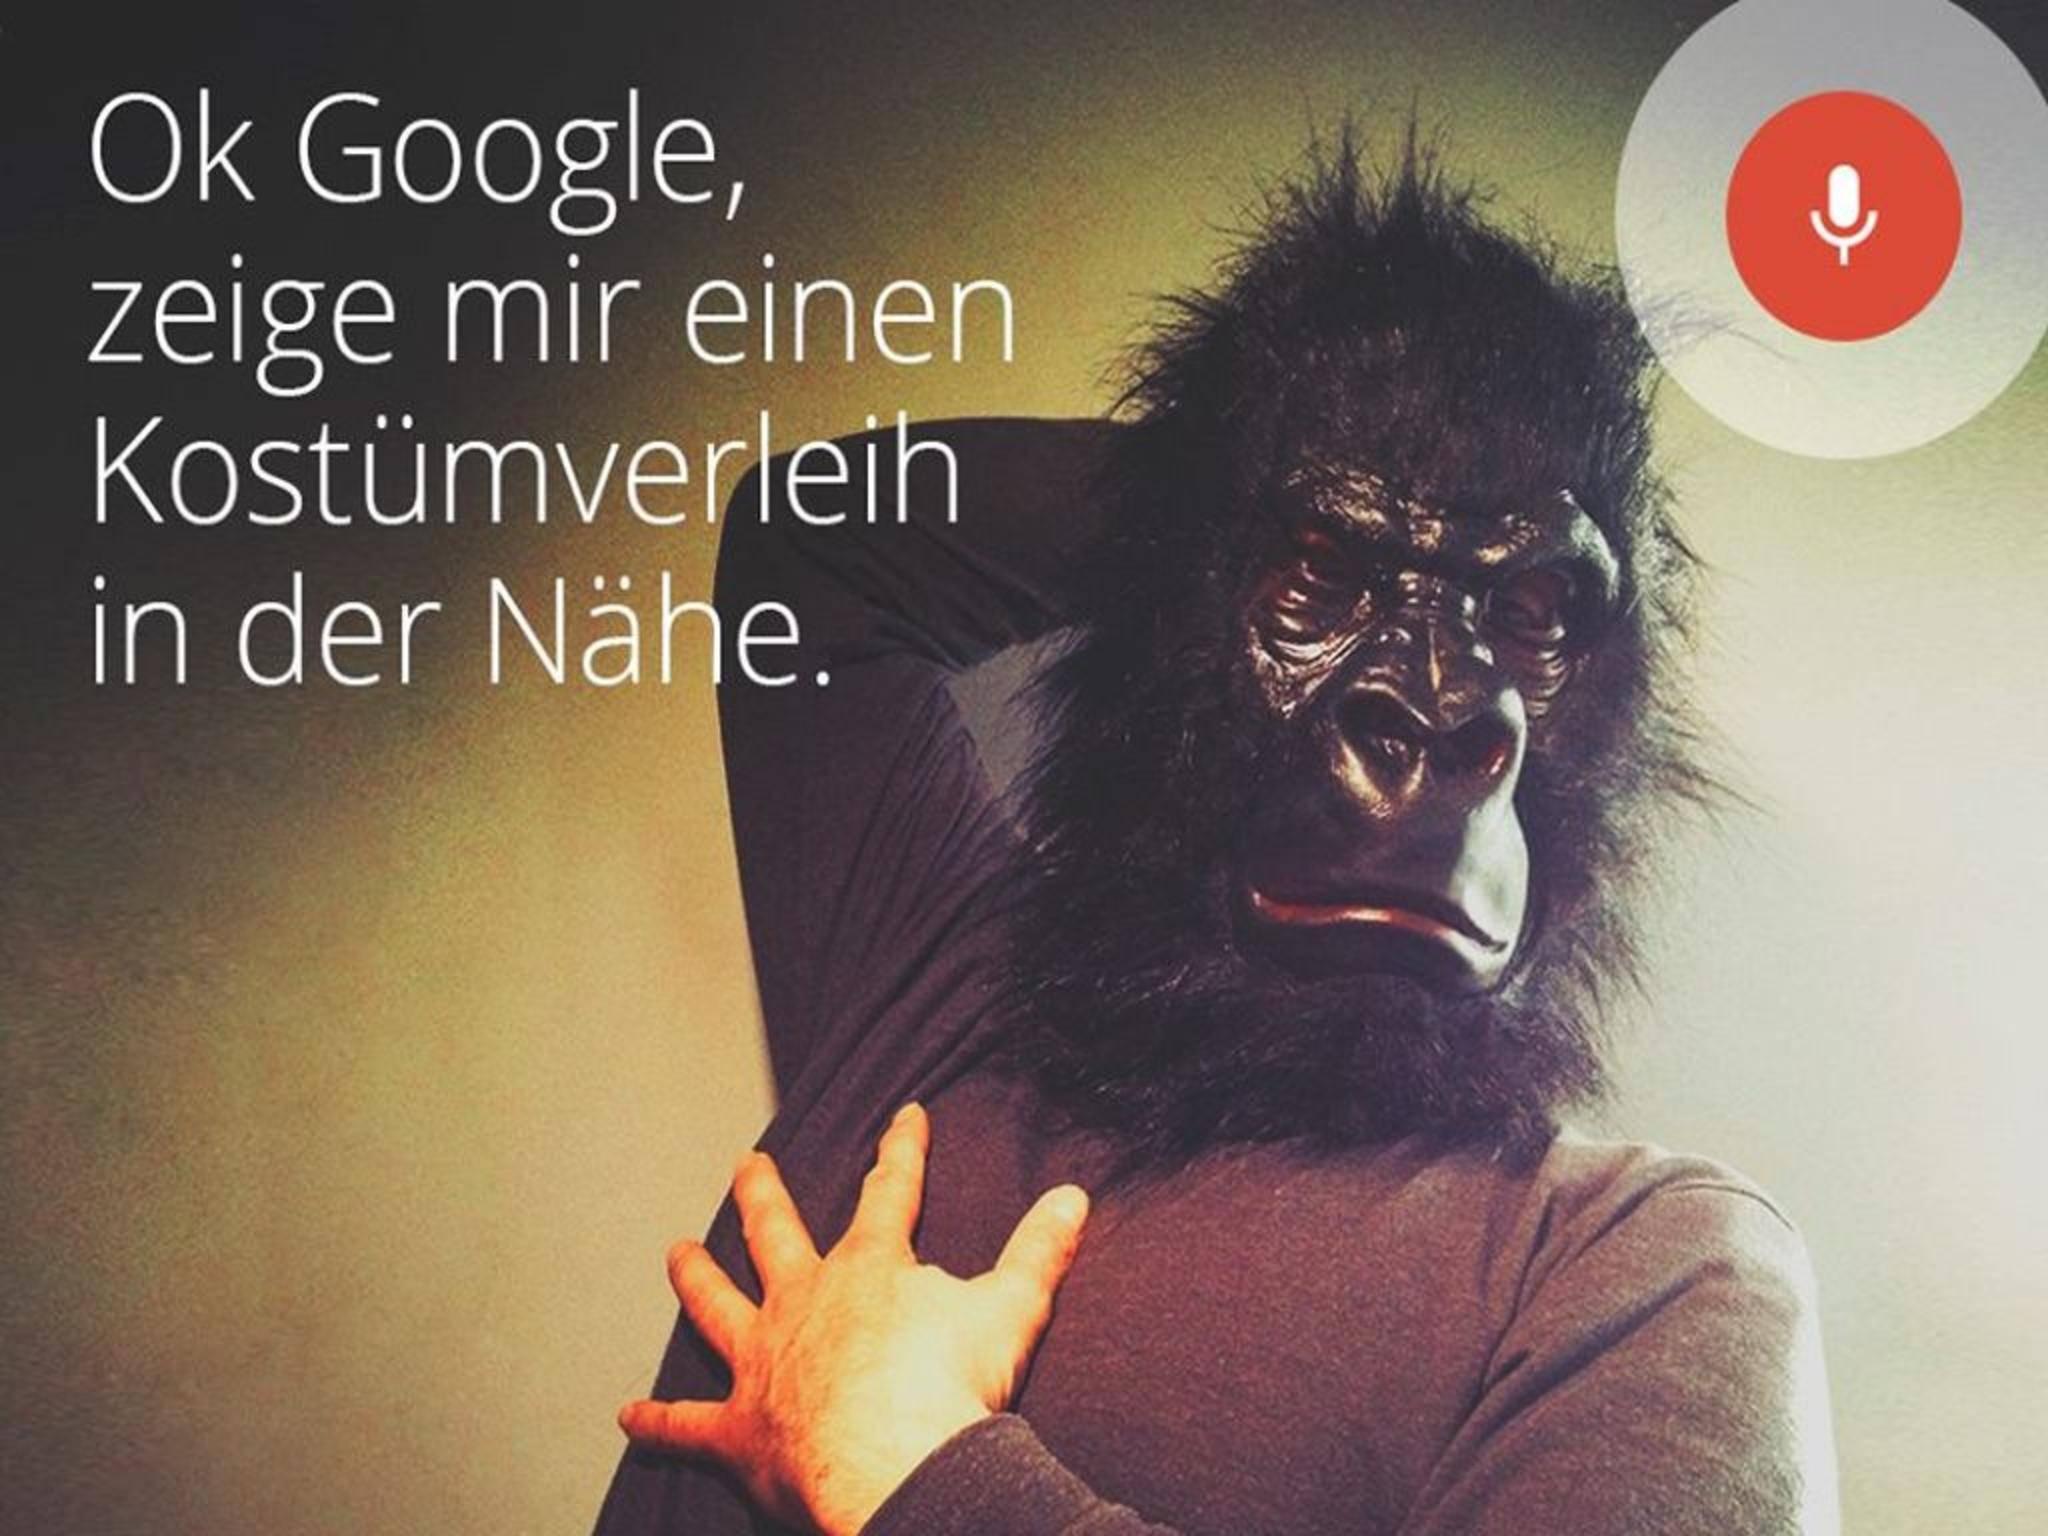 """Affig: Die Sprachbefehl-Suche """"Okay Google"""" landet auf der 8."""